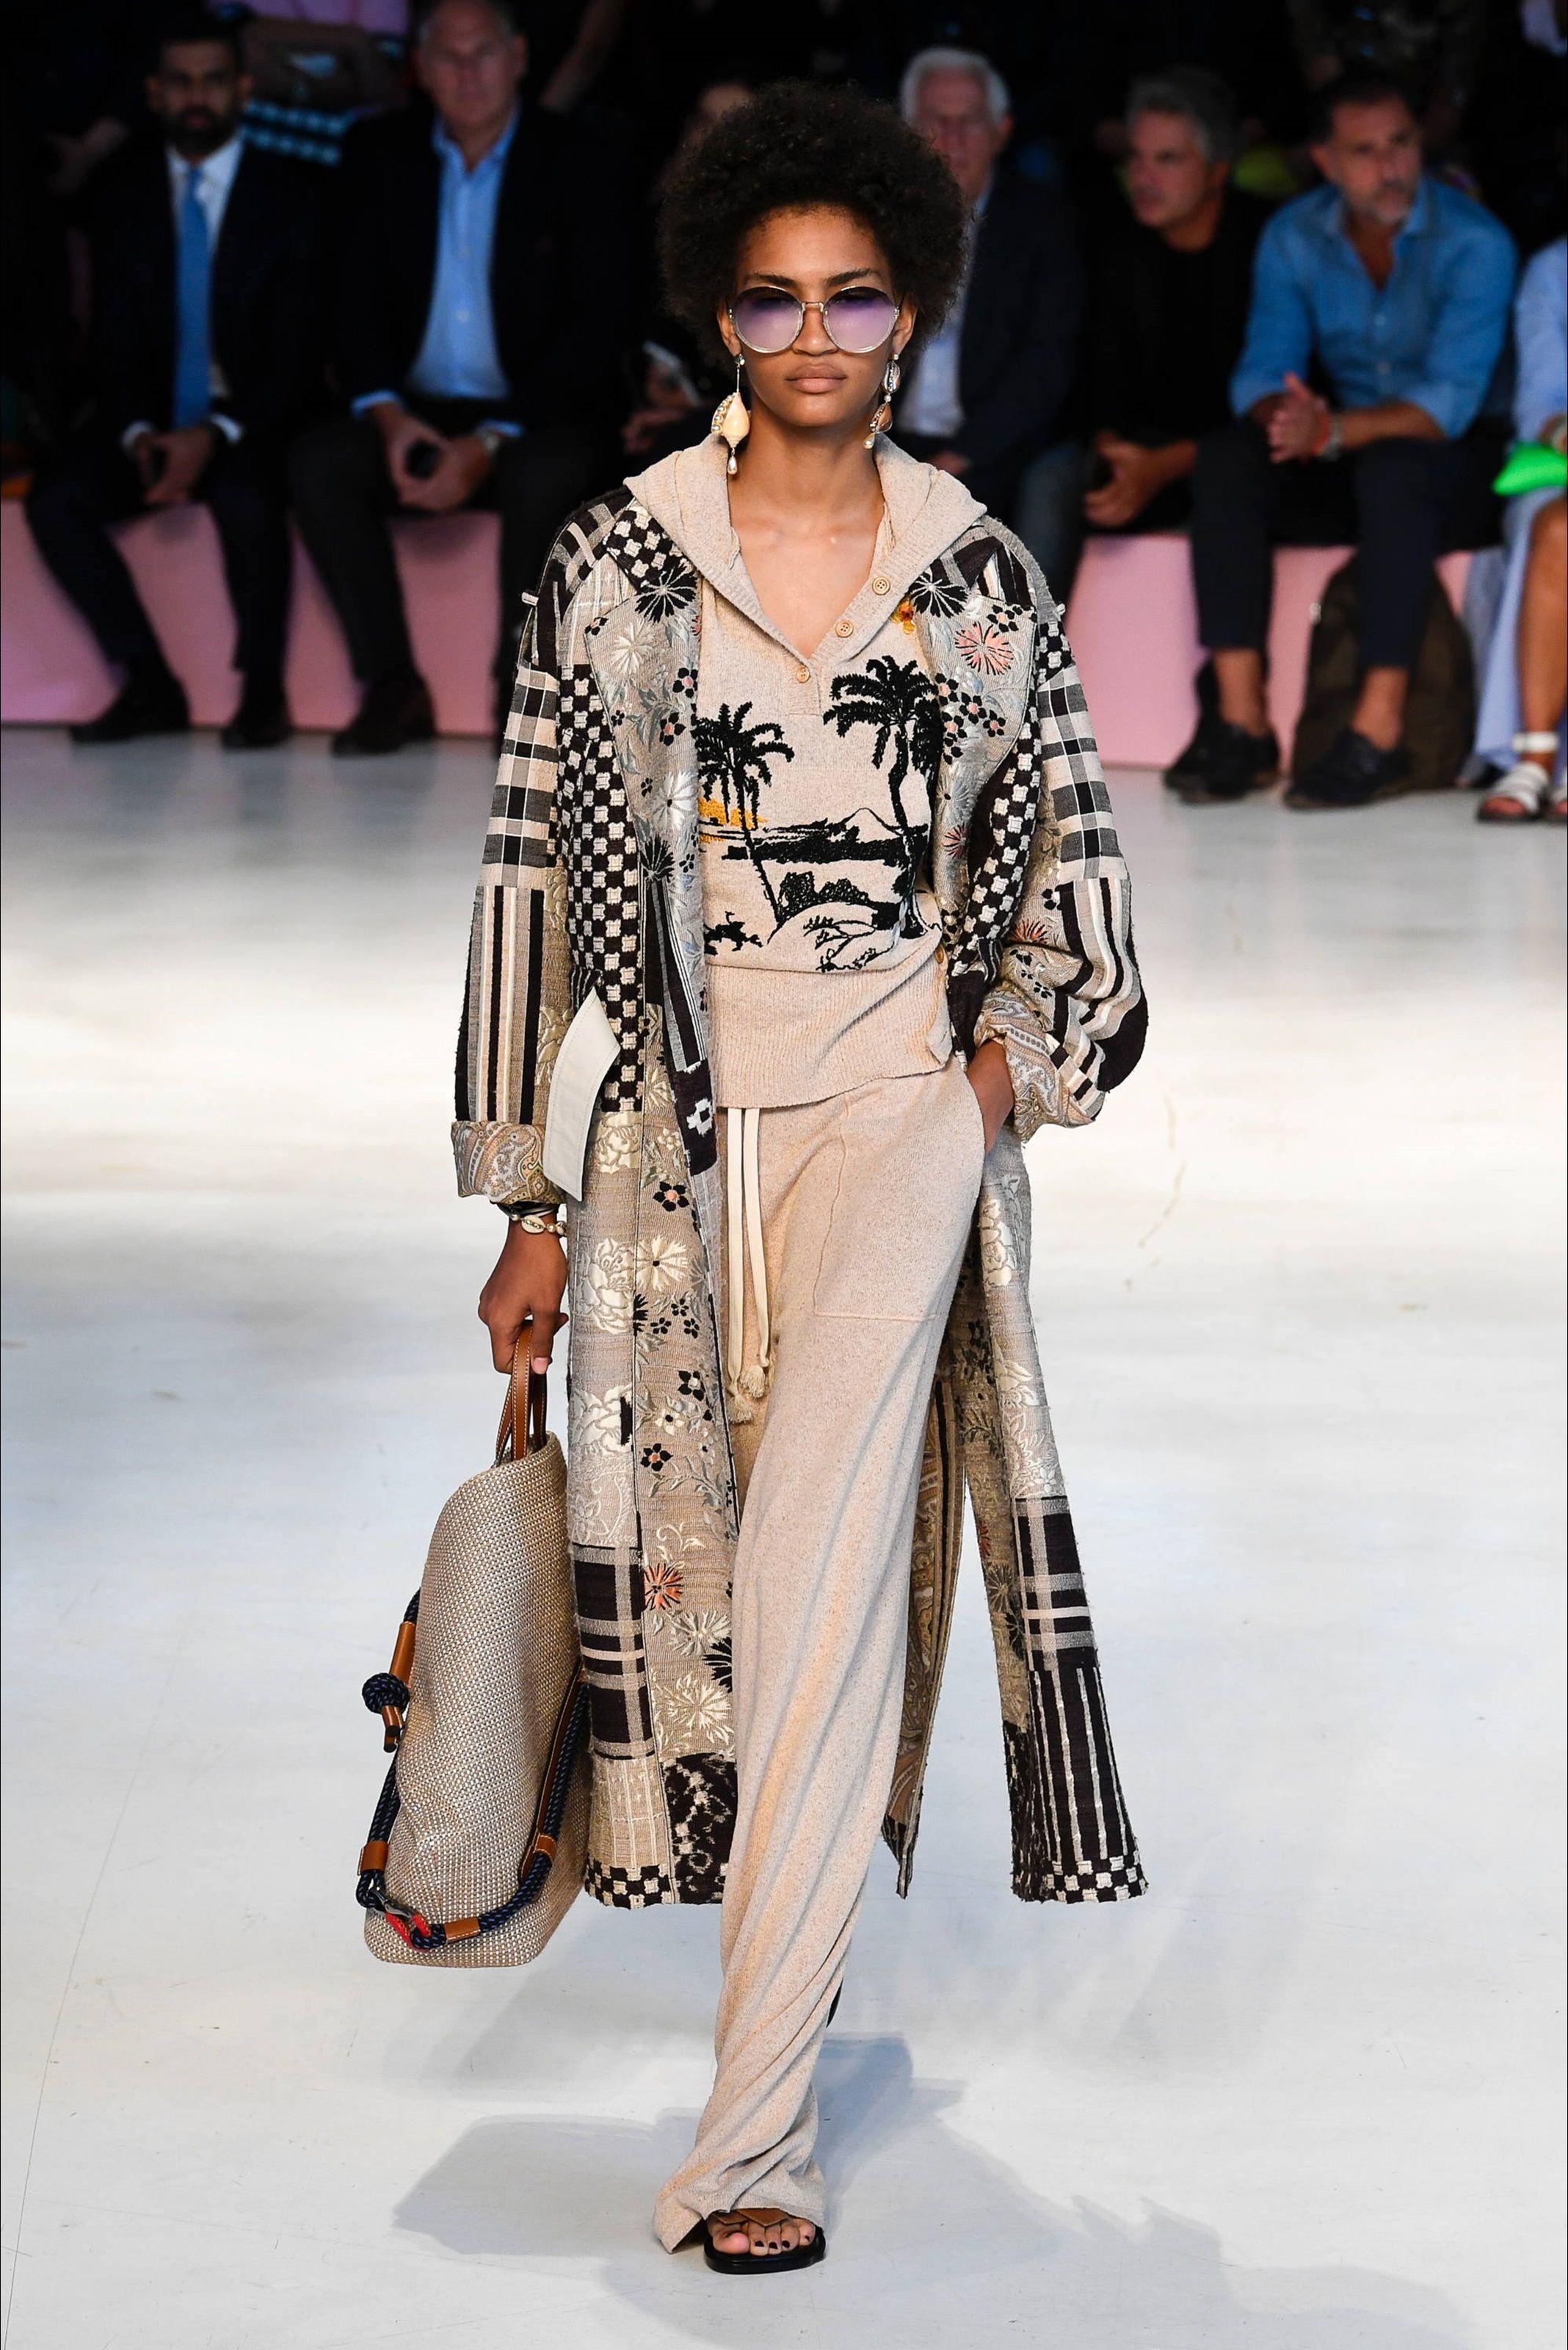 673faea585 Sfilata Etro Milano - Collezioni Primavera Estate 2019 - Vogue   E ...